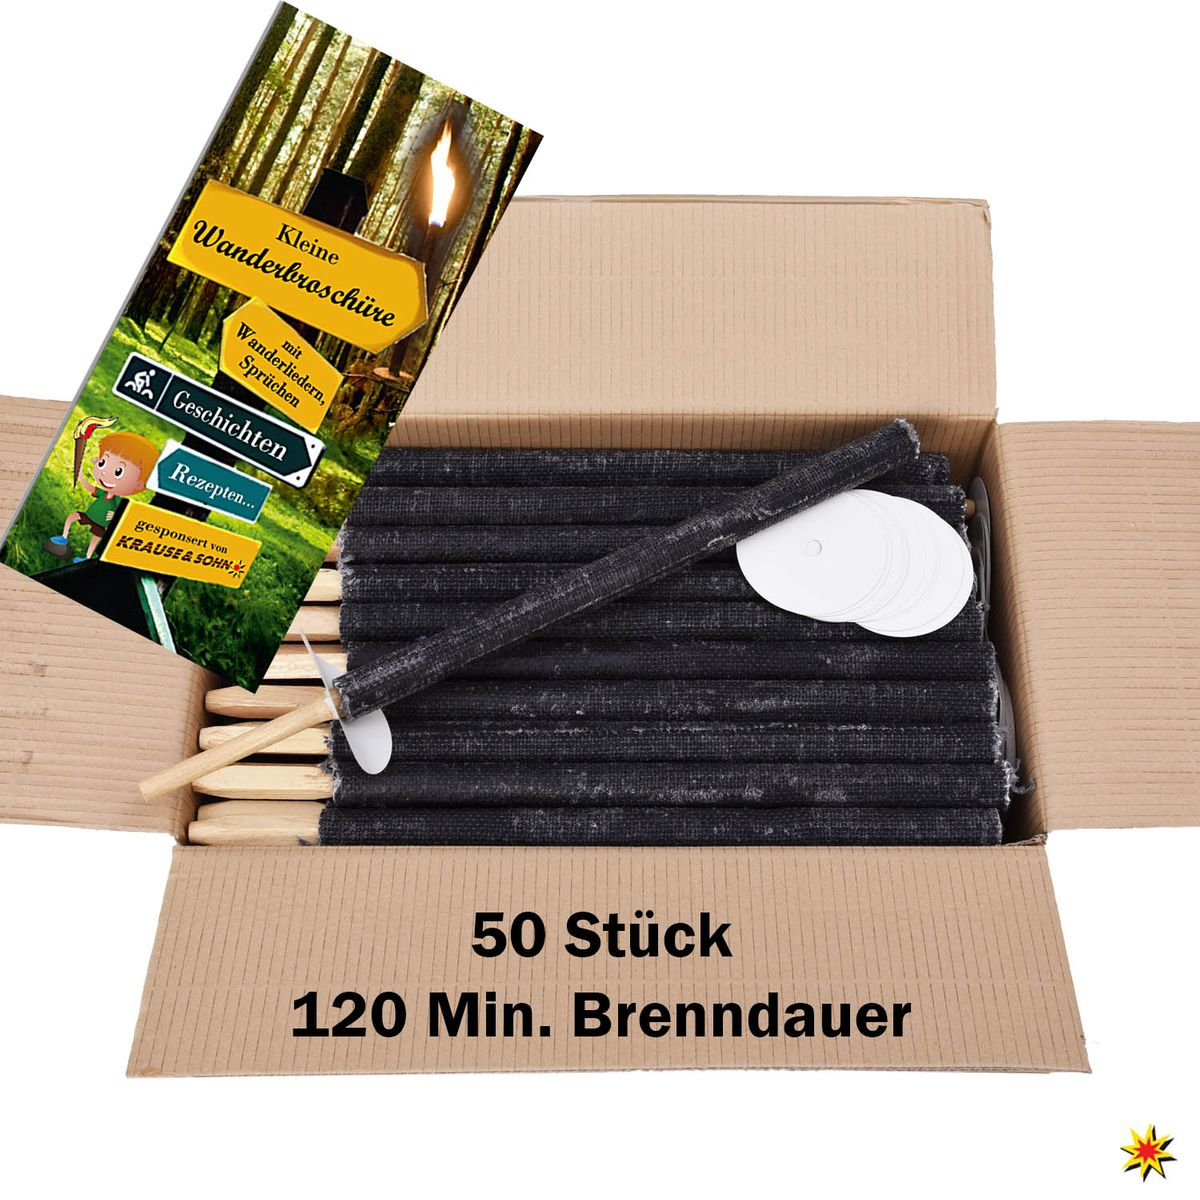 50 Fackeln 120 Min. Brennzeit Wachsfackeln Fackelwanderung